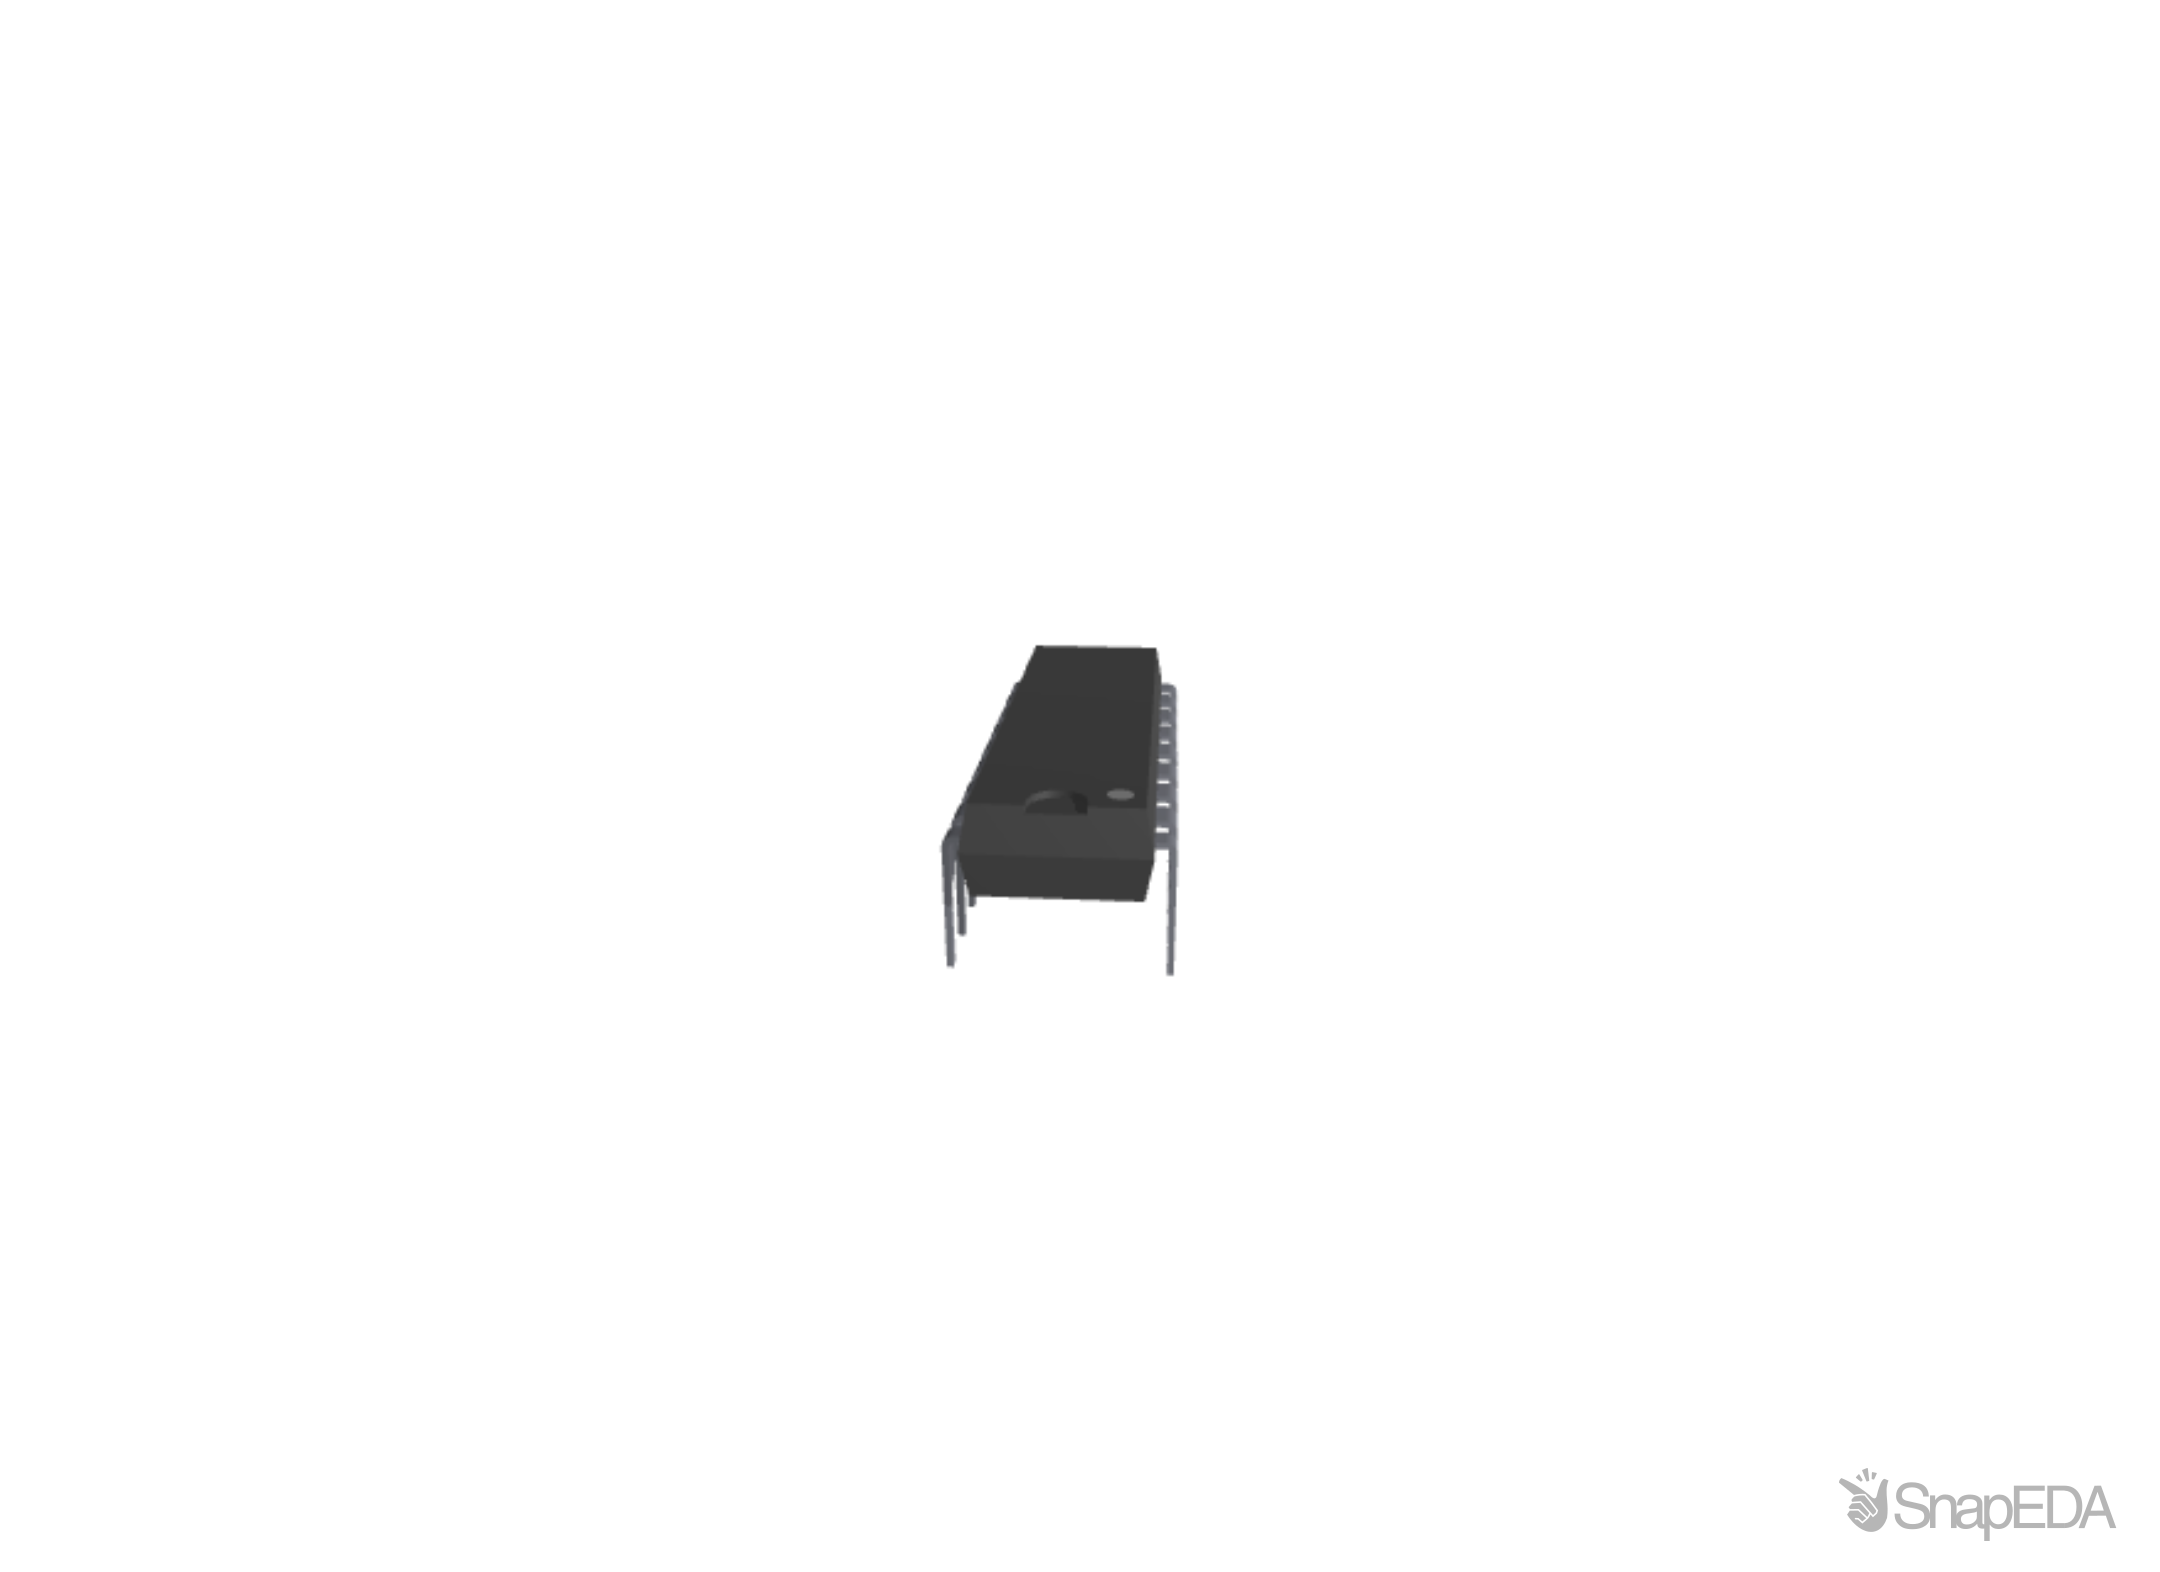 ULN2803A 3D Model